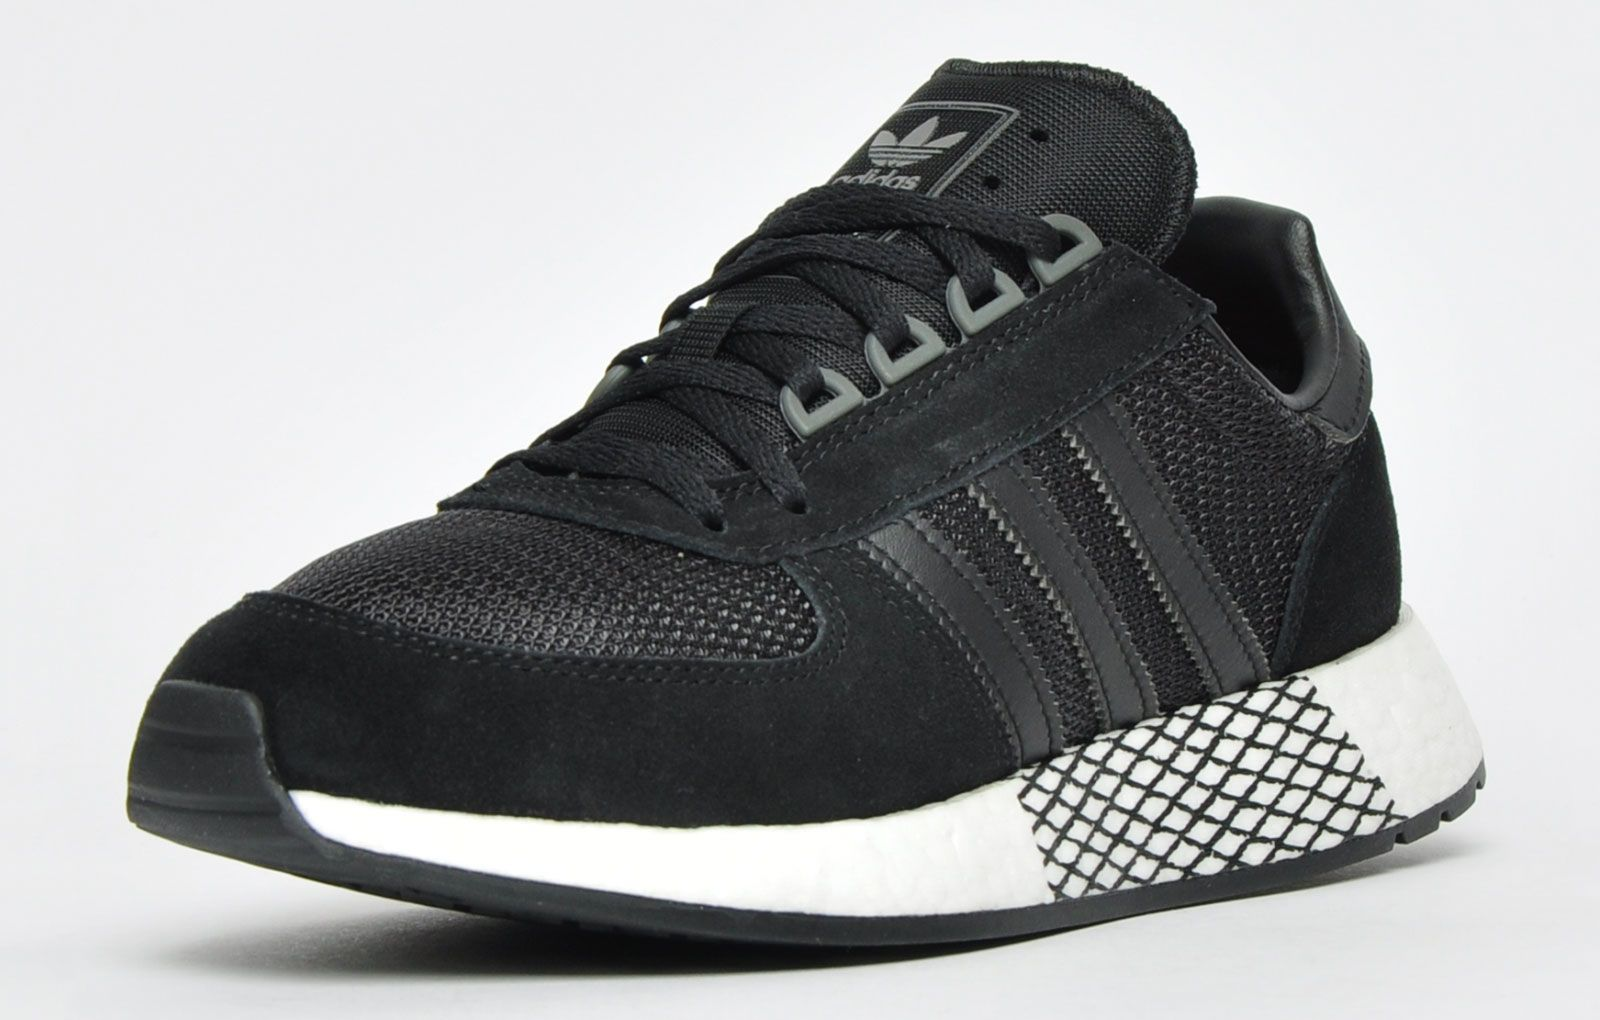 Adidas Originals Marathon X 5923 Mens